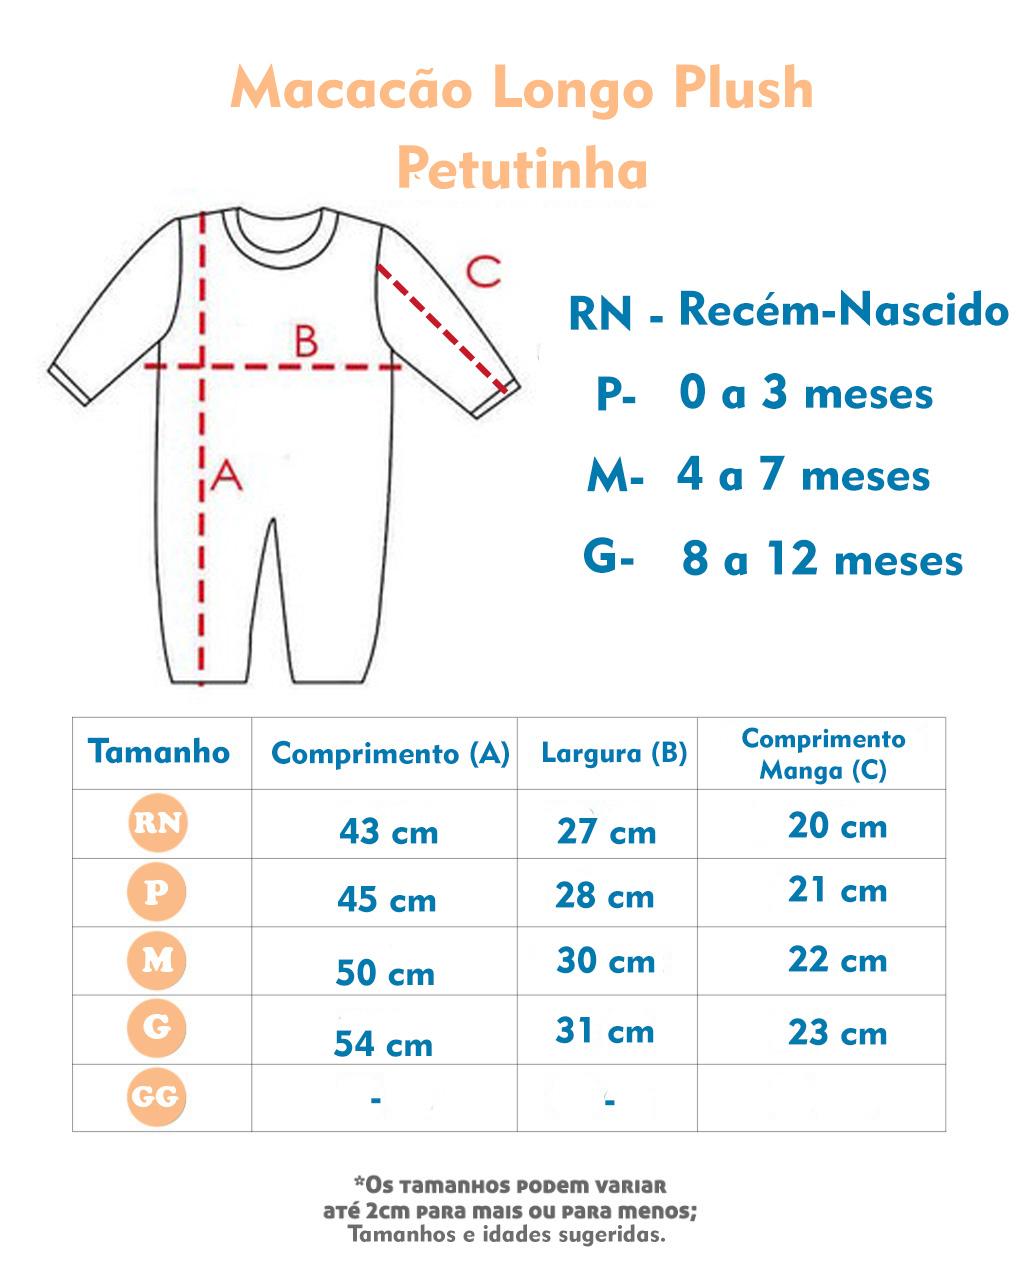 Macacão Longo Plush Petutinha Âncora (RN/P/M/G)